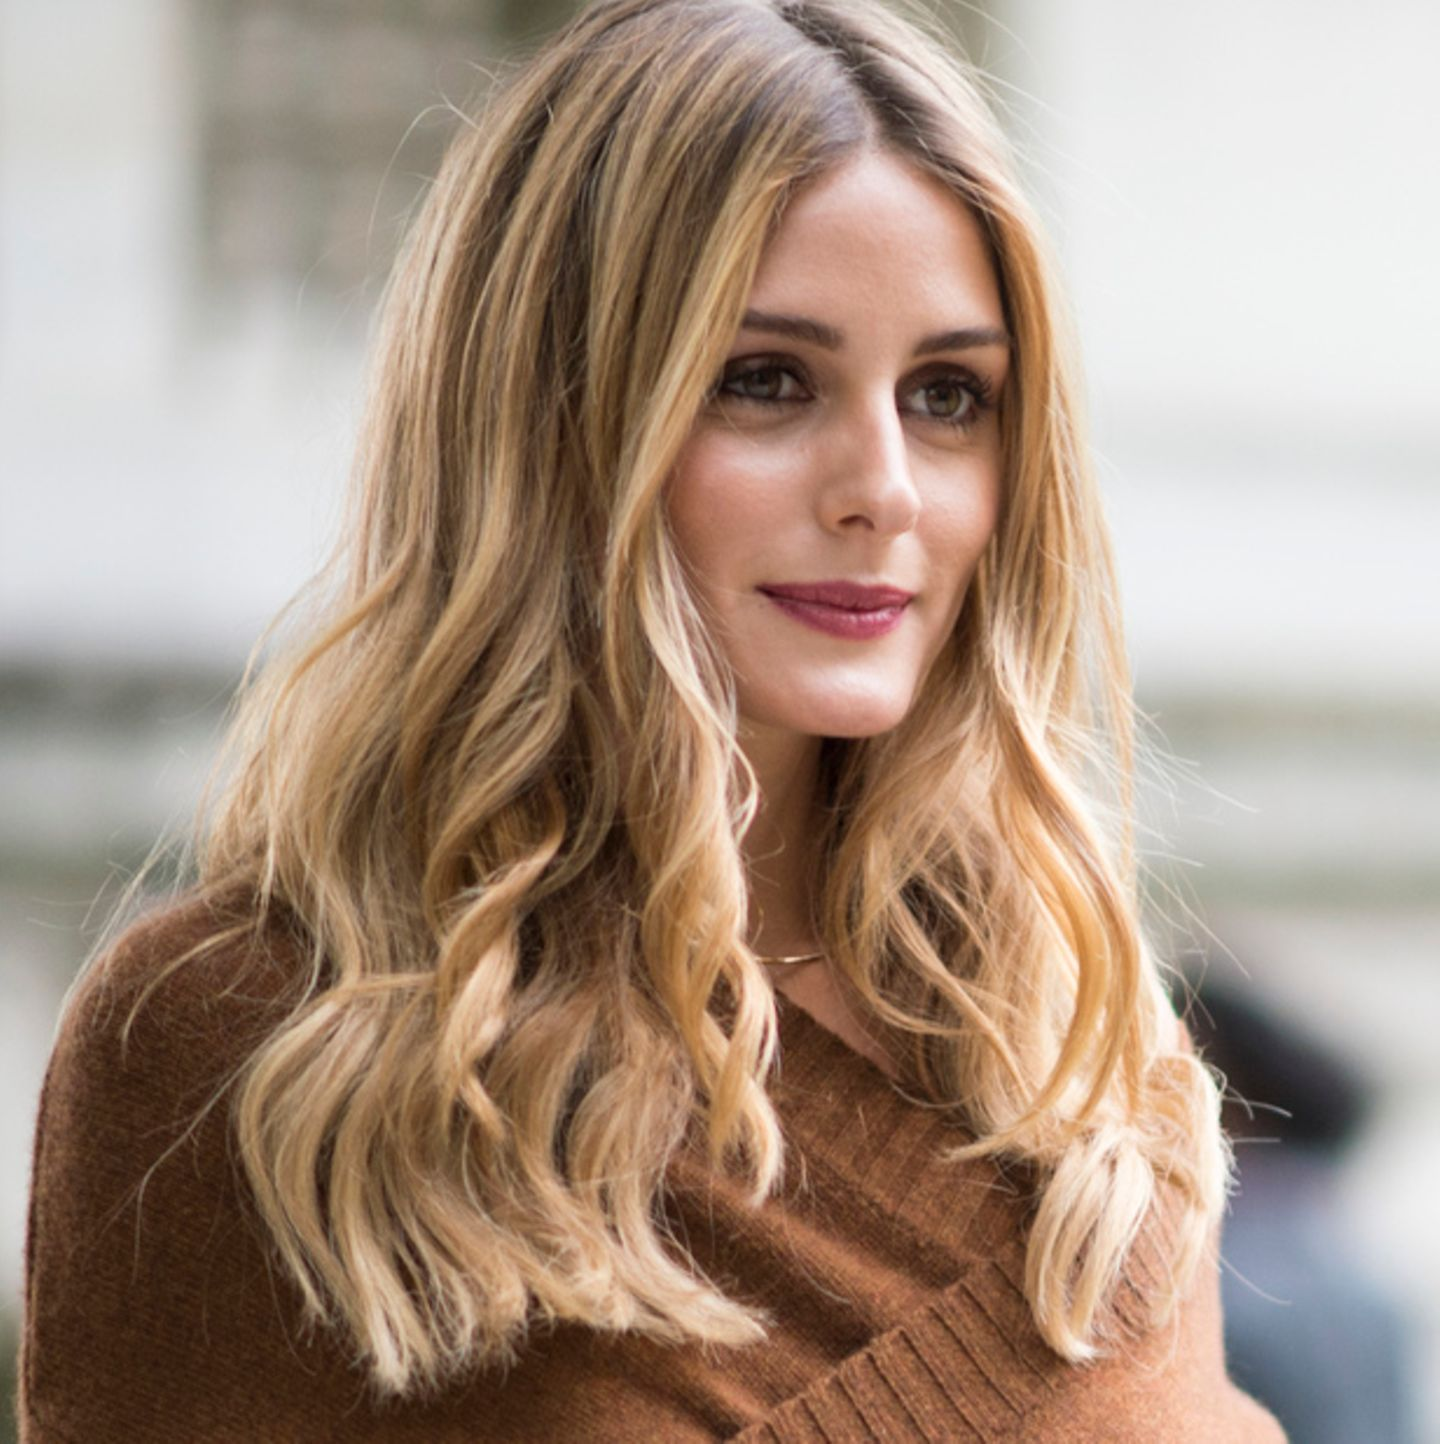 Frisuren für lange Haare - die schönsten Looks  BRIGITTE.de